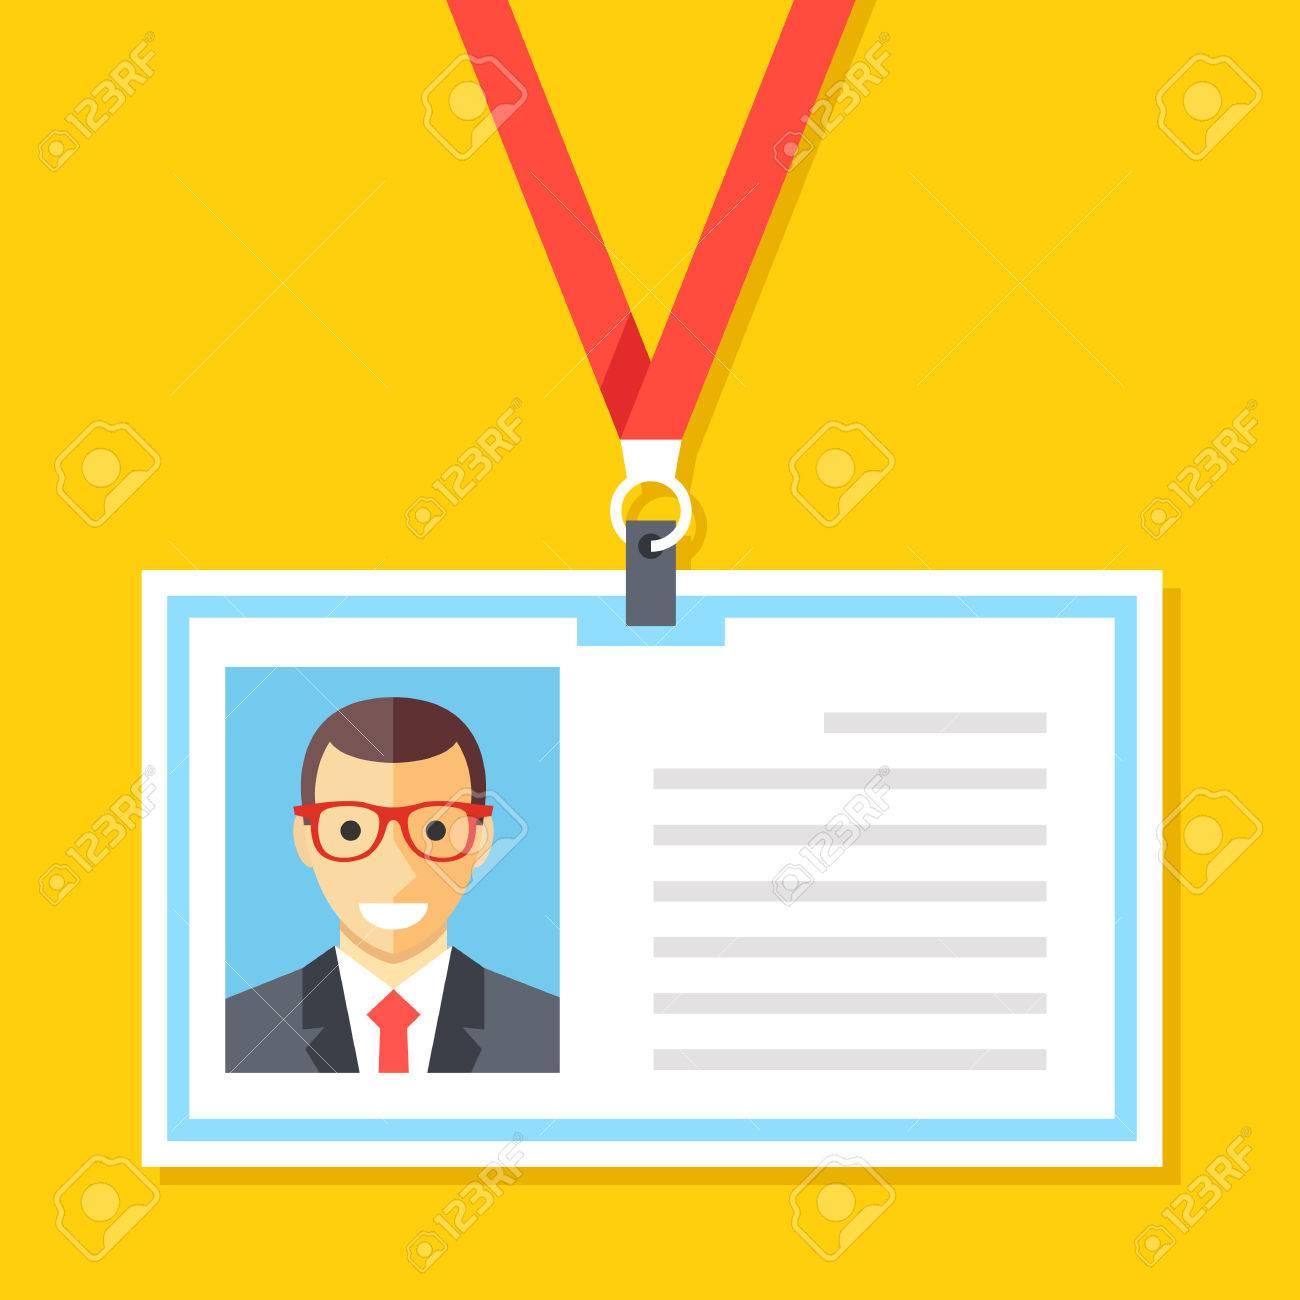 Tarjeta De Identificación Con Foto Hombre. Tarjeta De Plástico De ...